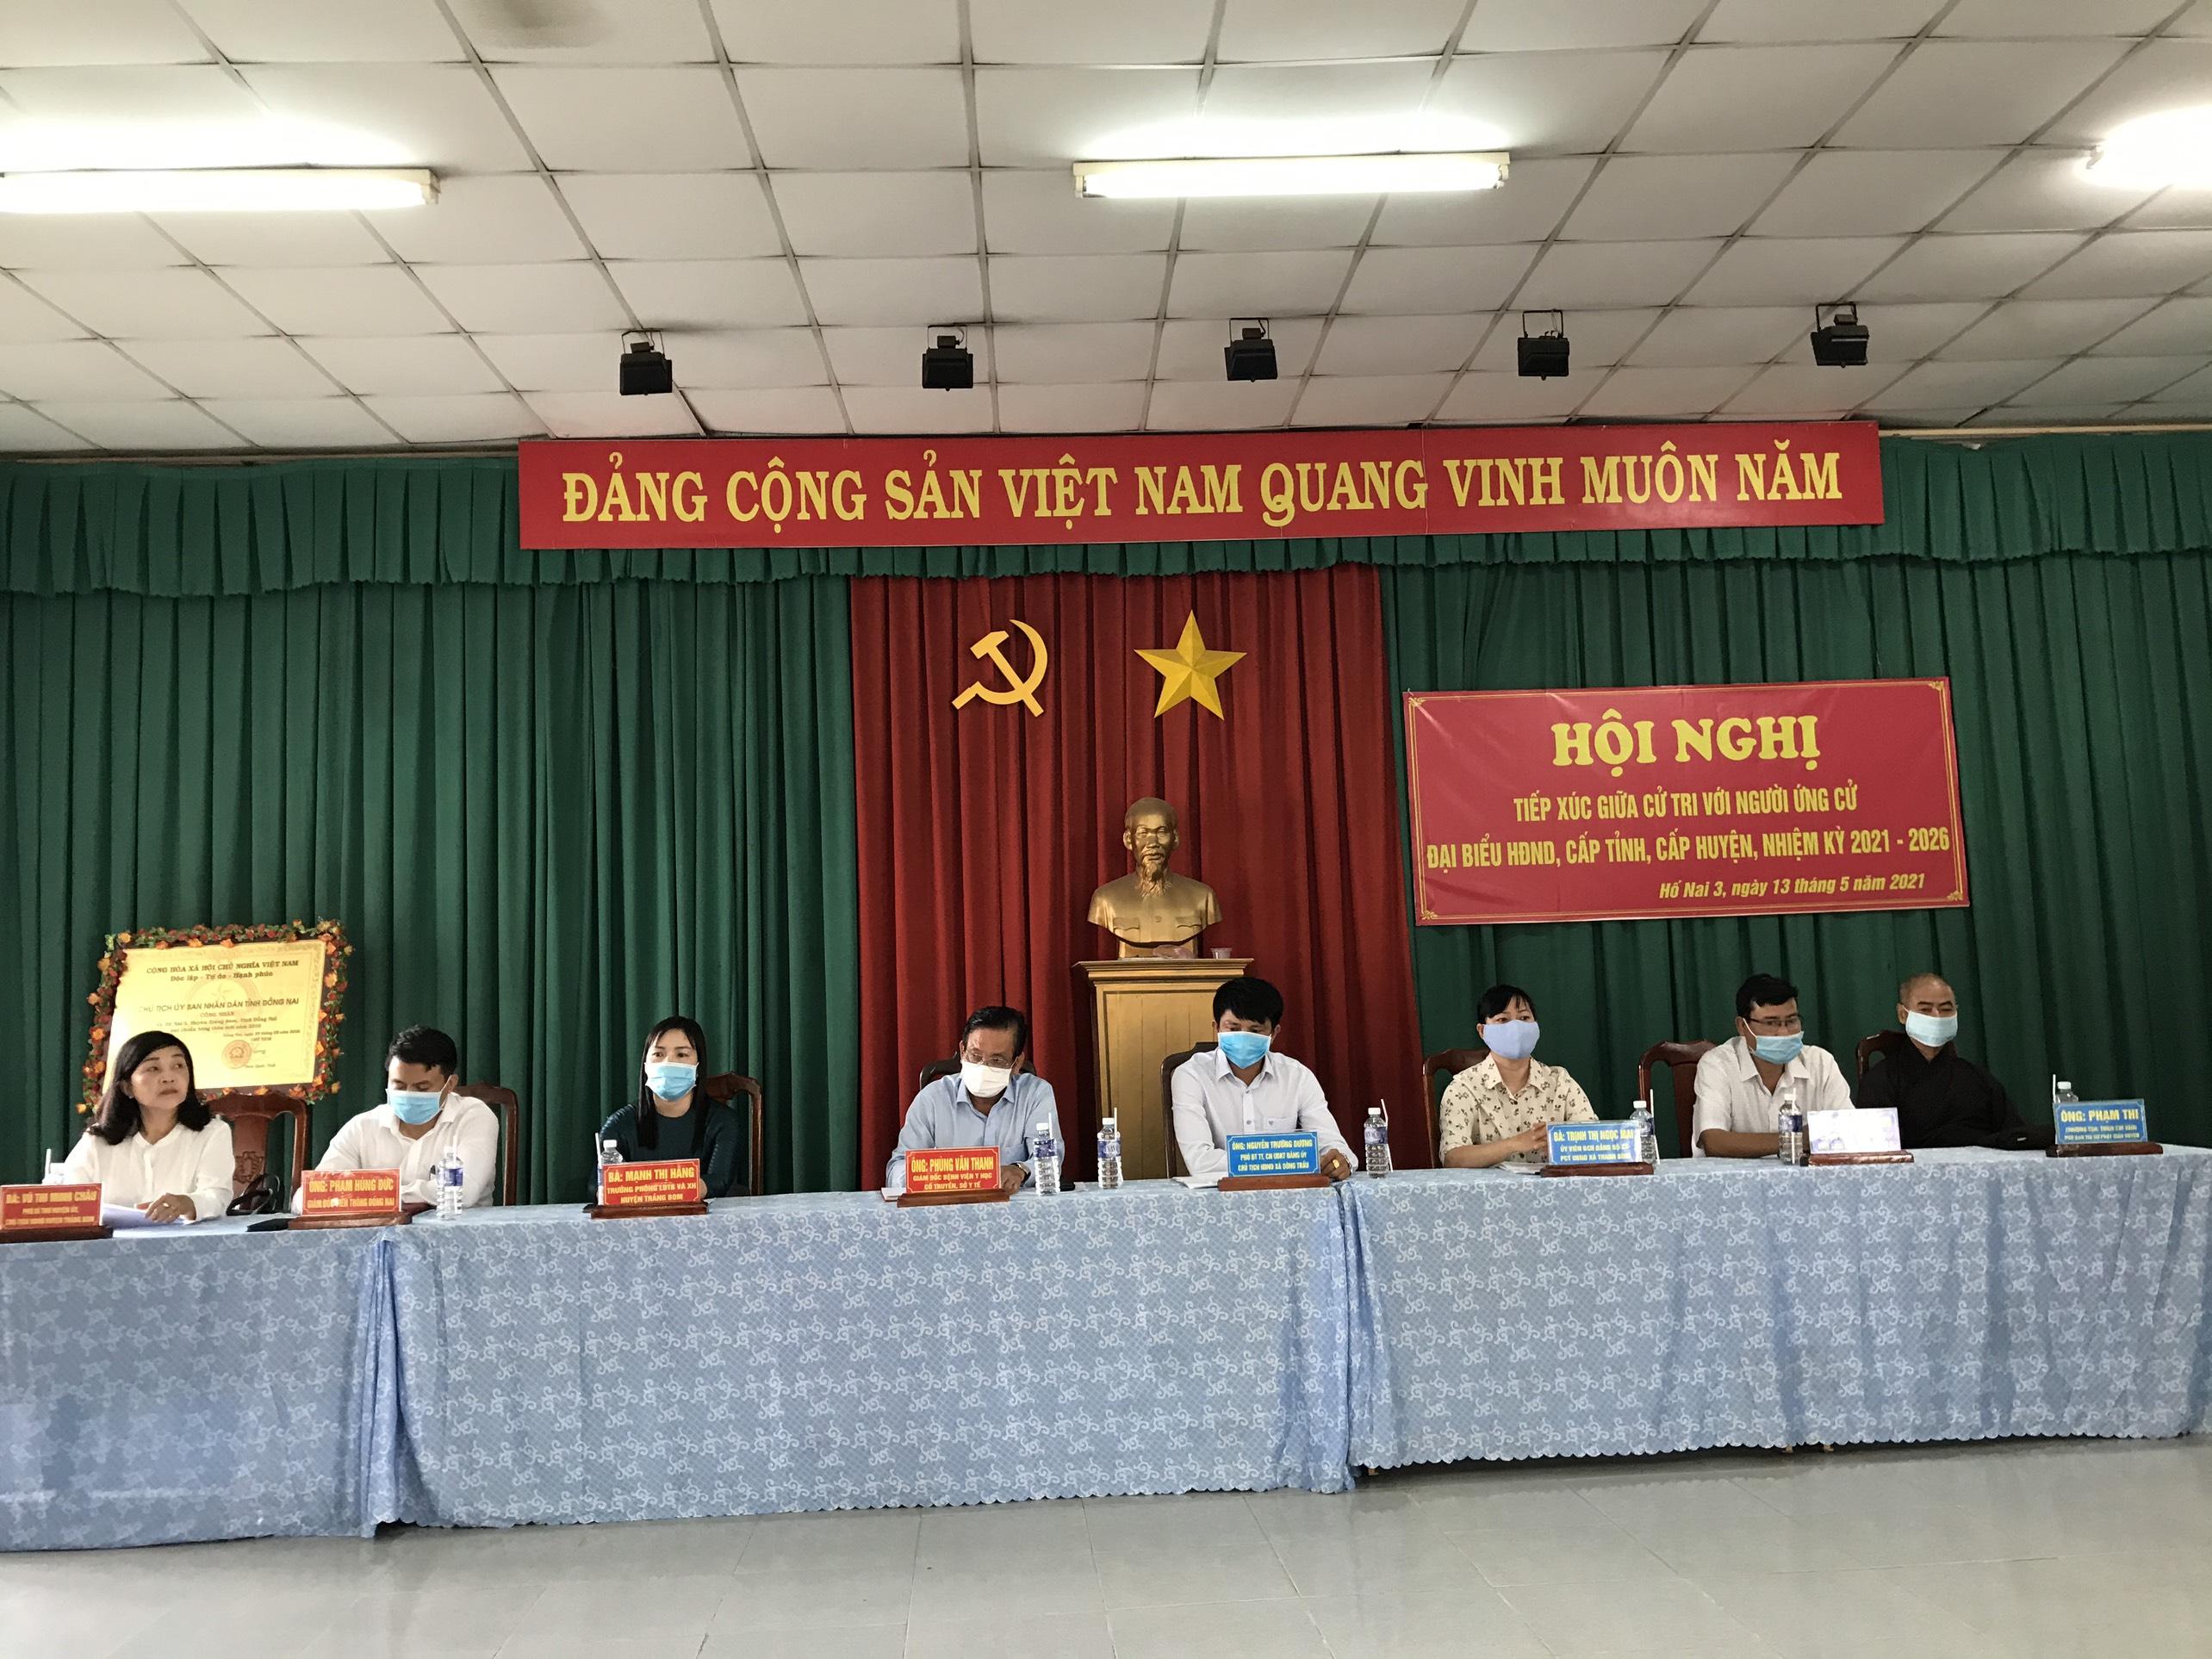 Hội nghị tiếp xúc giữa cử tri với người ứng cử Đại biểu HĐND cấp tỉnh, cấp huyện tại huyện Trảng Bom